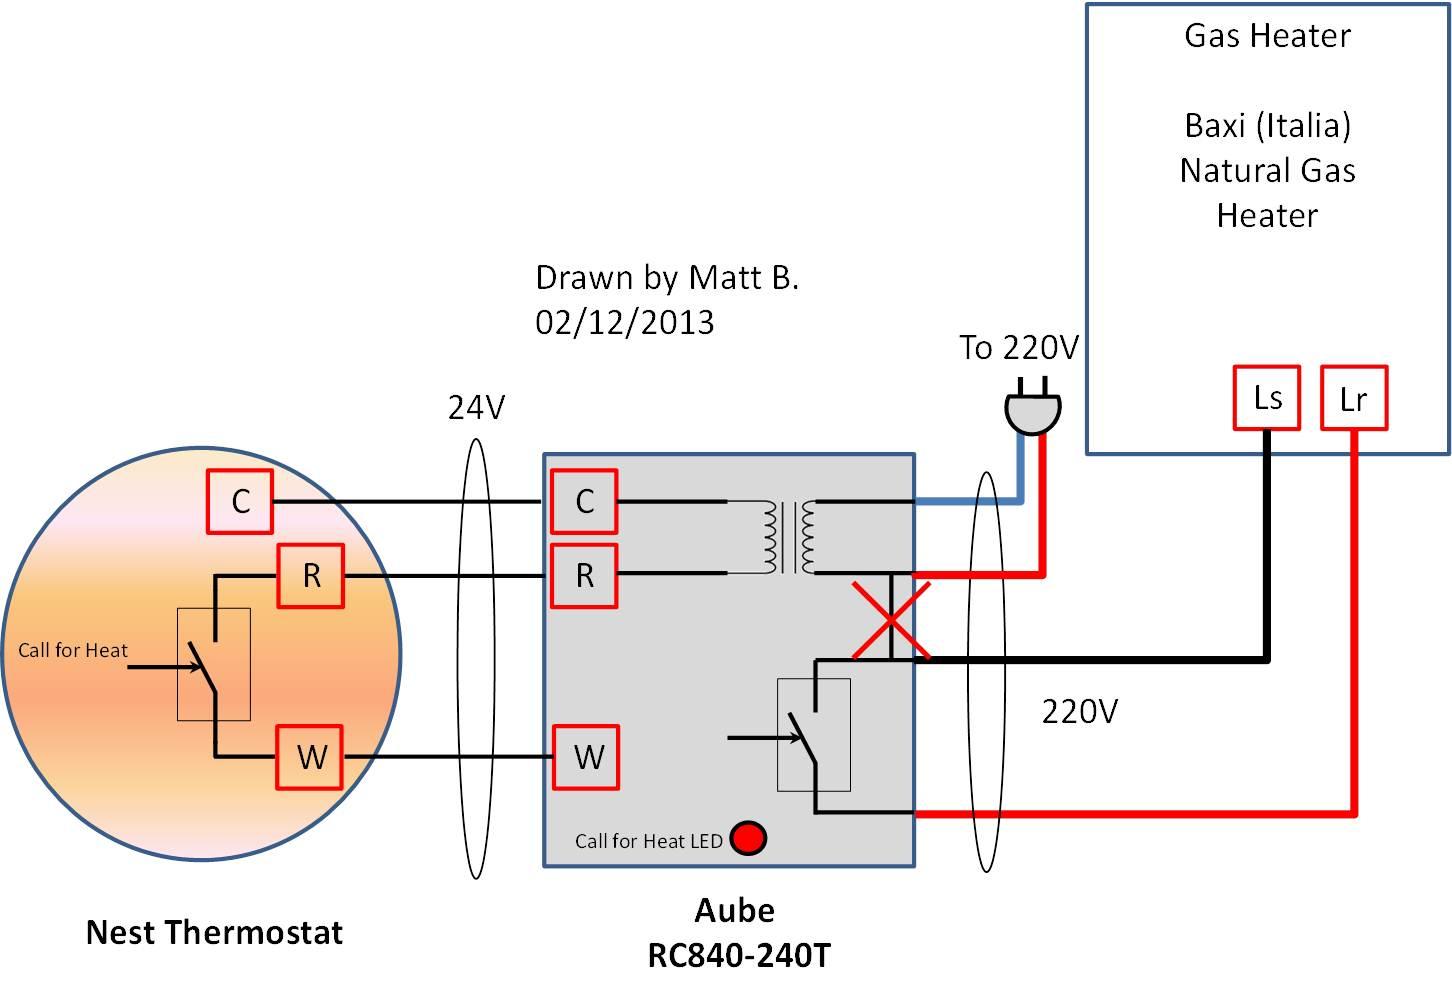 european 220v wiring diagram 28 wiring diagram images [ 1452 x 1000 Pixel ]